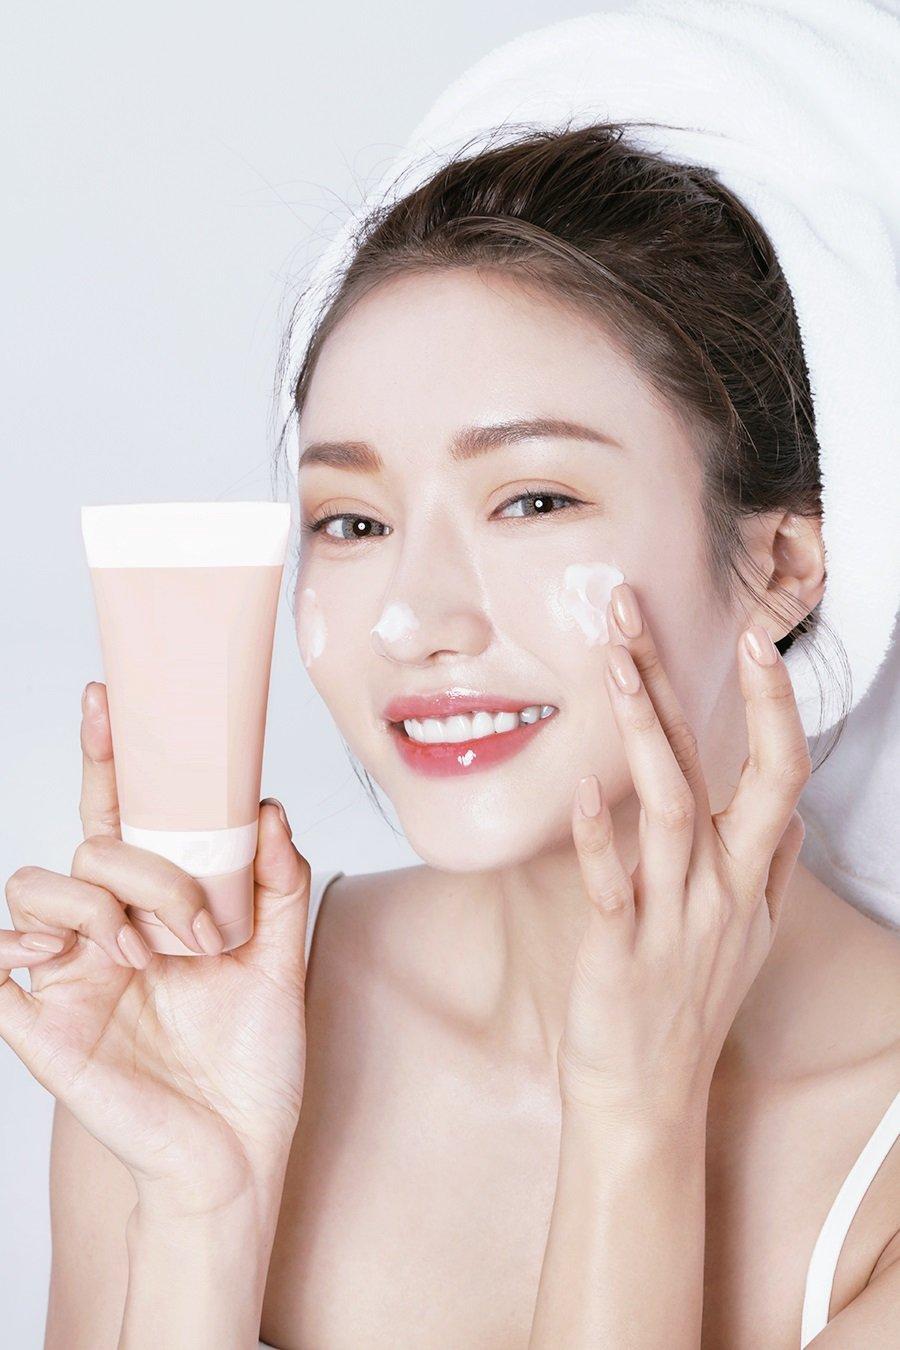 Chuyên gia nổi tiếng tiết lộ chỉ cần làm điều này mỗi ngày, phụ nữ sẽ đẩy lùi lão hóa và sở hữu làn da